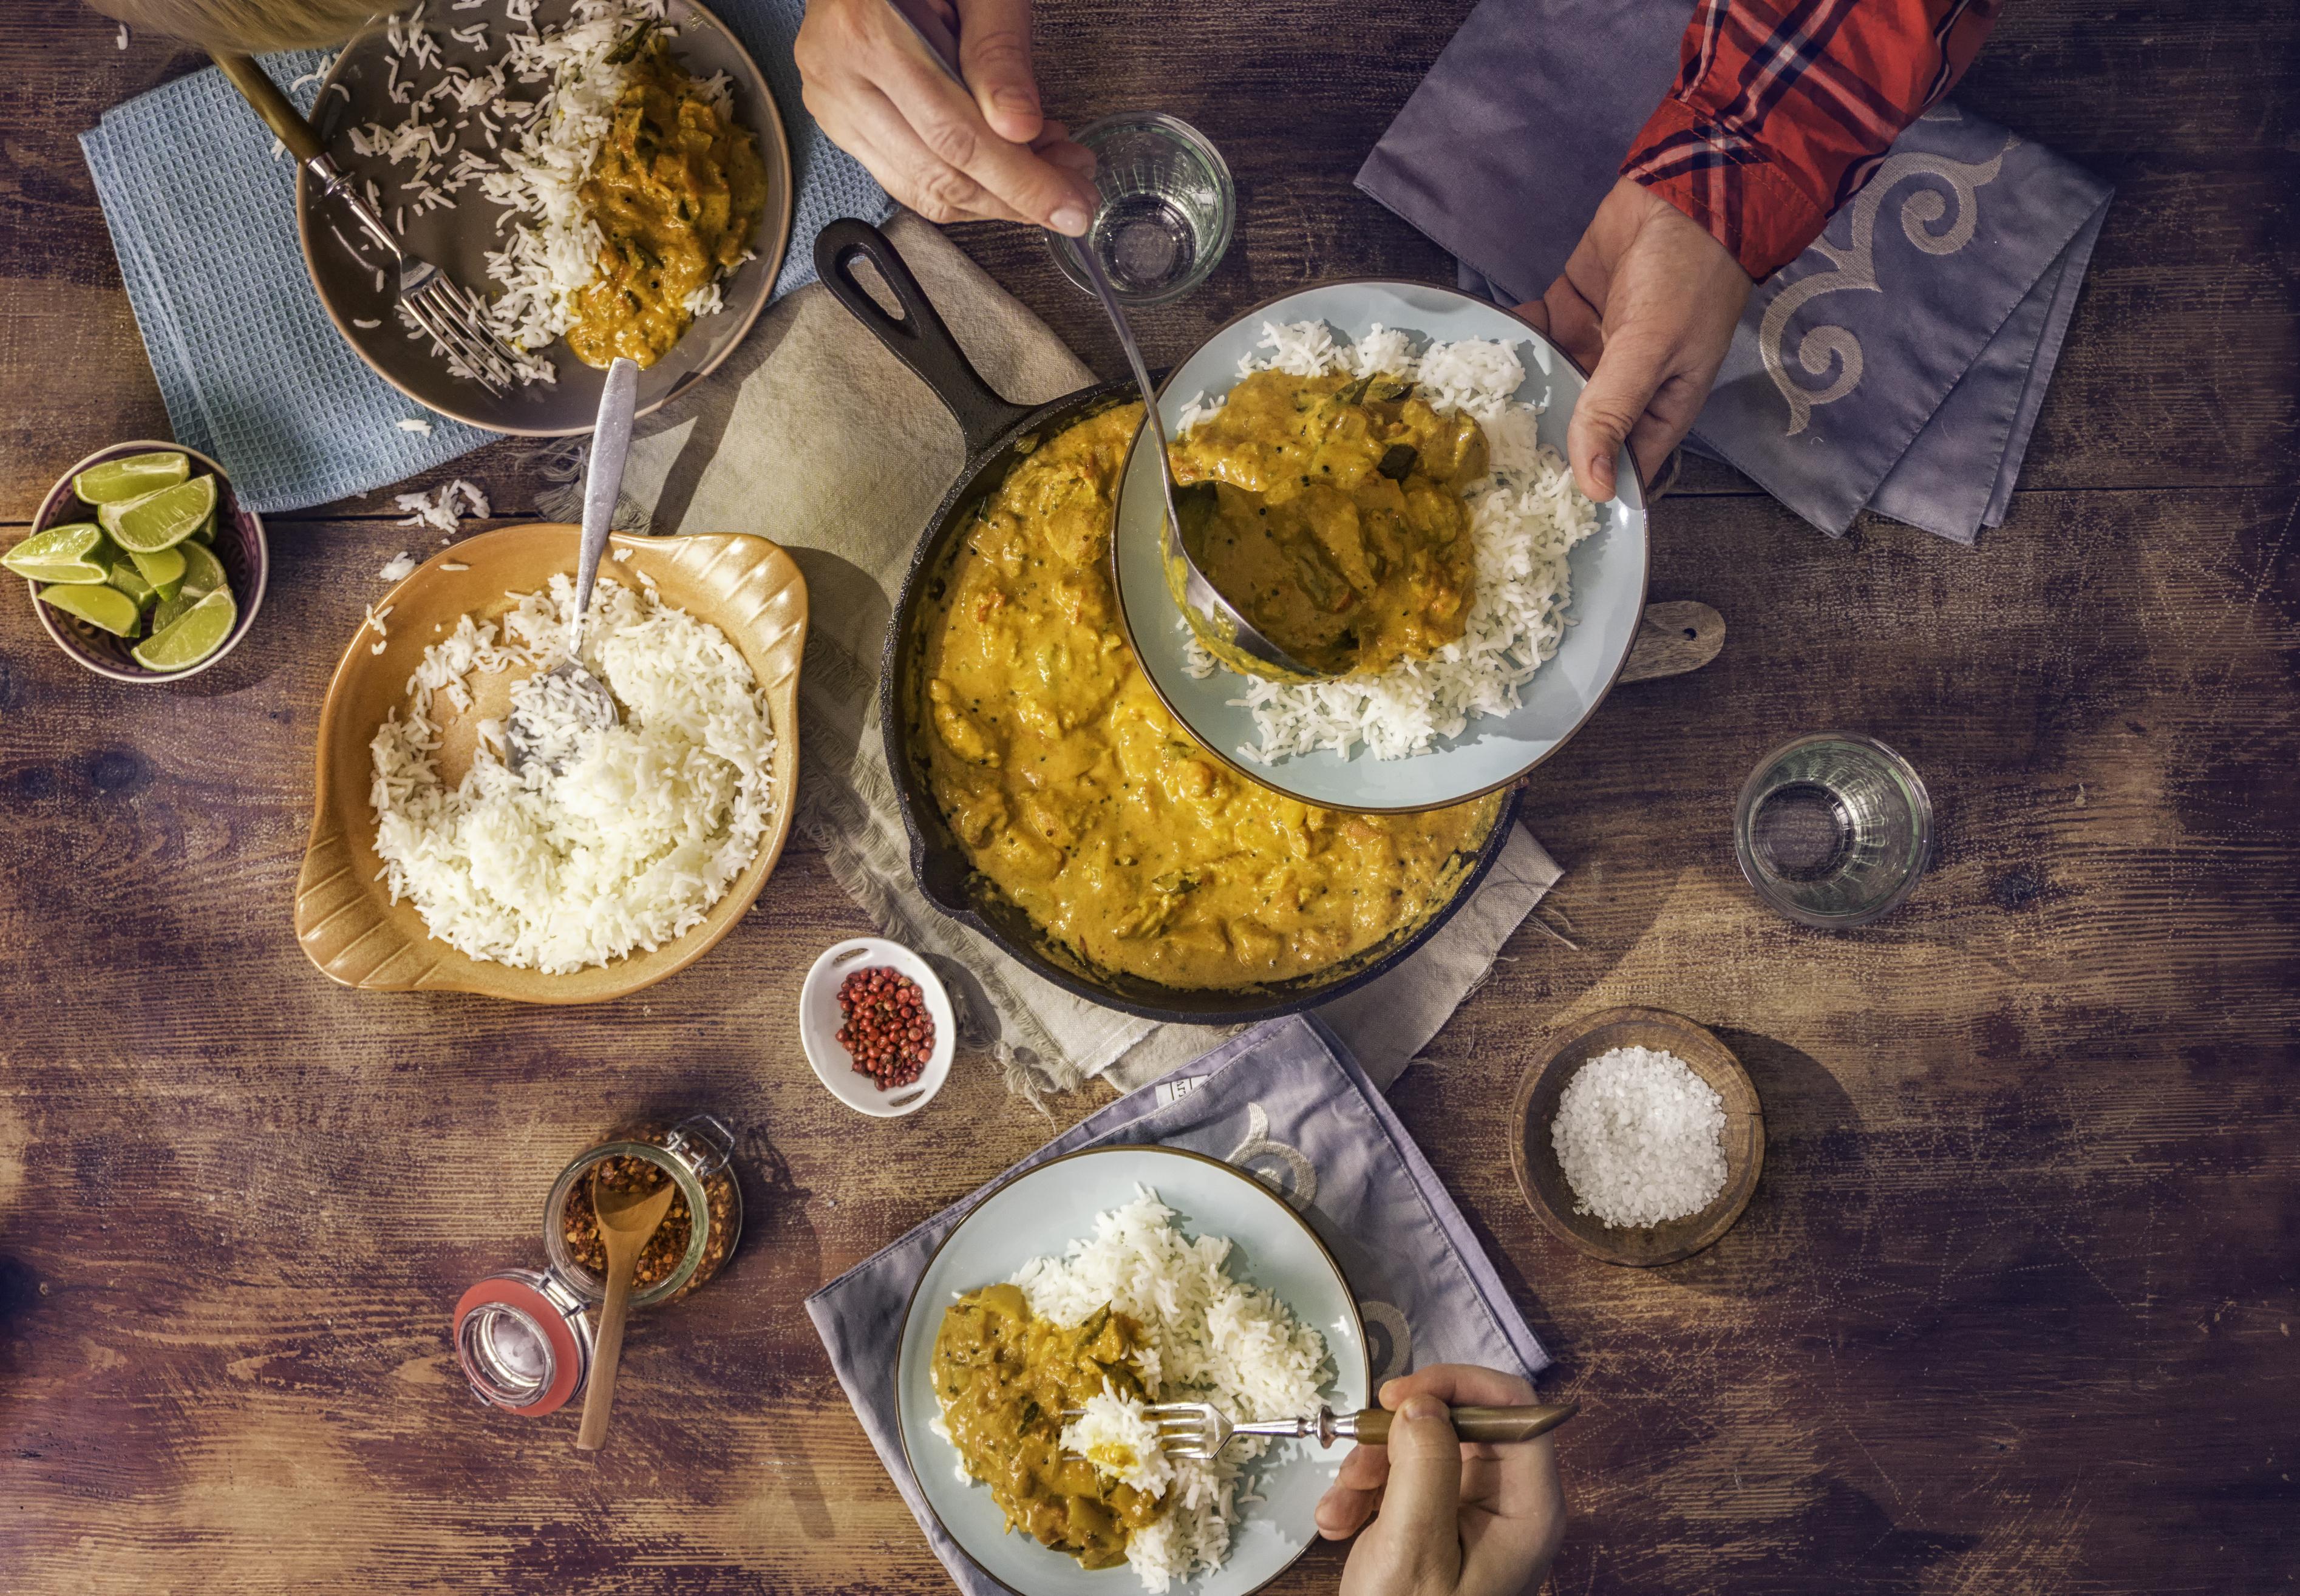 """6.Индия<br /> <br /> За индийската кухня стига да се каже една дума - подправки. Индийците се концентрират повече върху перфектното овкусяване на храната, отколкото върху самото ѝ приготвяне. В страната на кърито освен традиционните ястия с ориз, бихте могли да опитате традиционната им палачинка """"доса""""."""